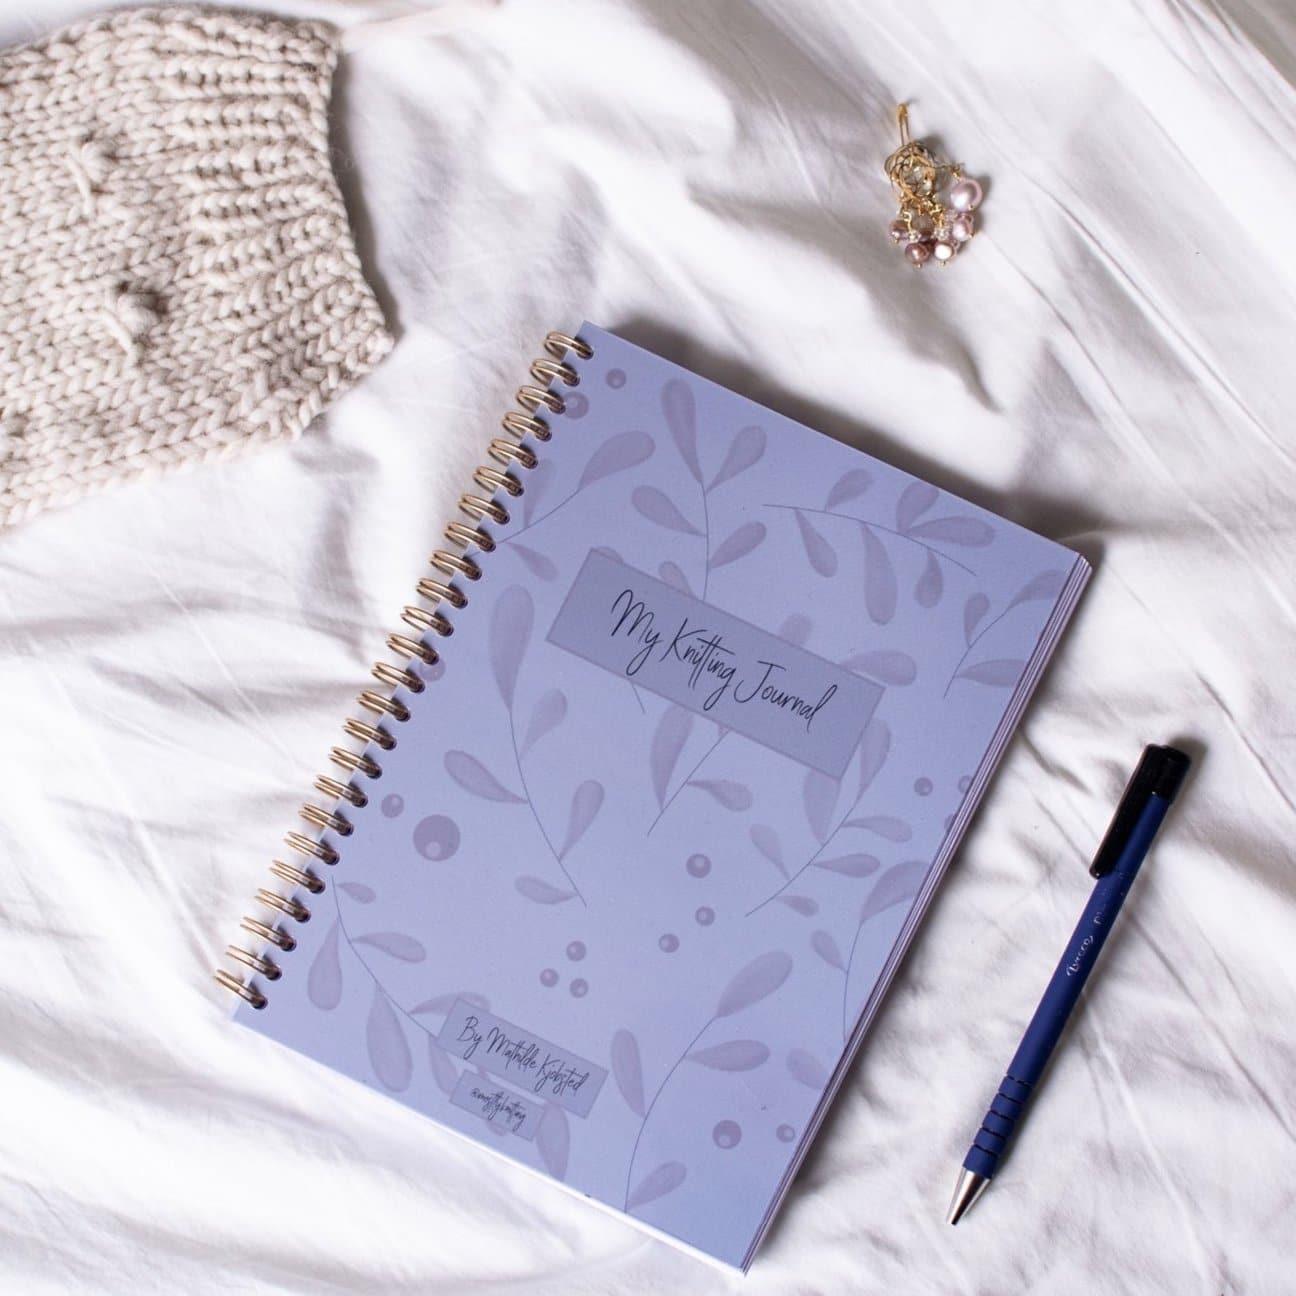 knitting journal